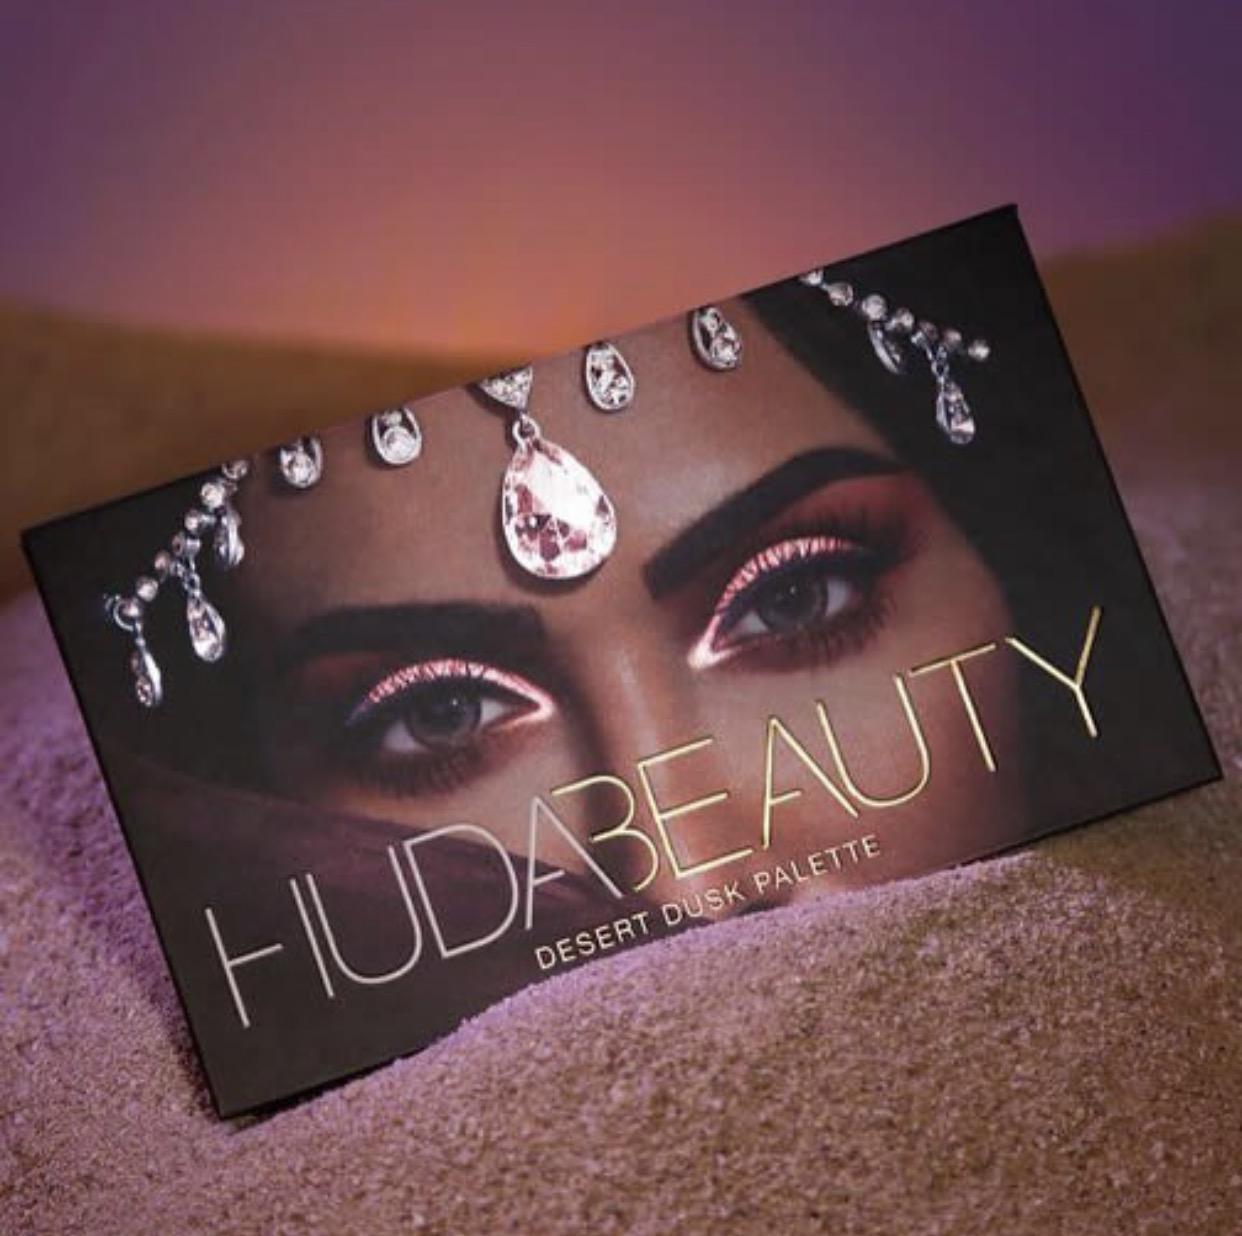 Huda-Beauty-Dessert-Dusk-Eyeshadow-Palette-Vivi-Brizuela-PinkOrchidMakeup